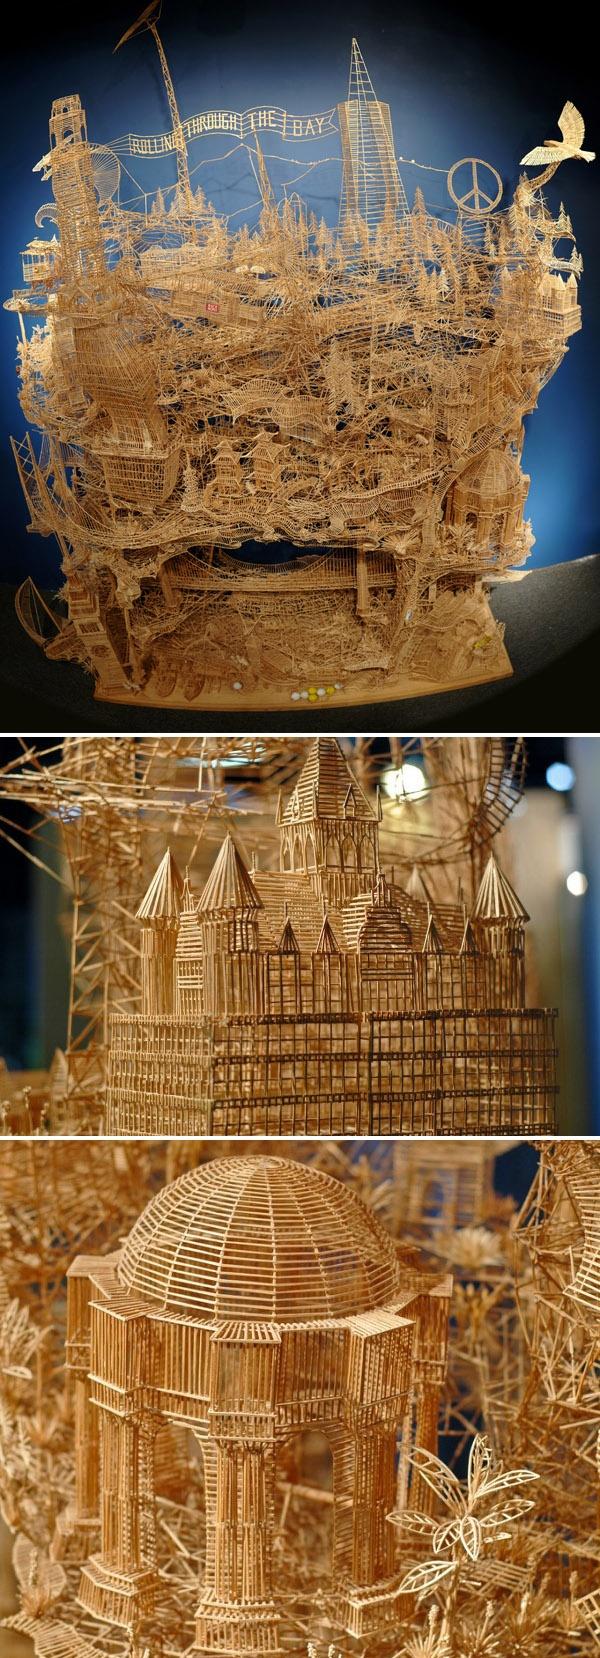 Una escultura increíble cinética de San Francisco hecho de 100,000 mondadientes y tomó 35 años para construir.